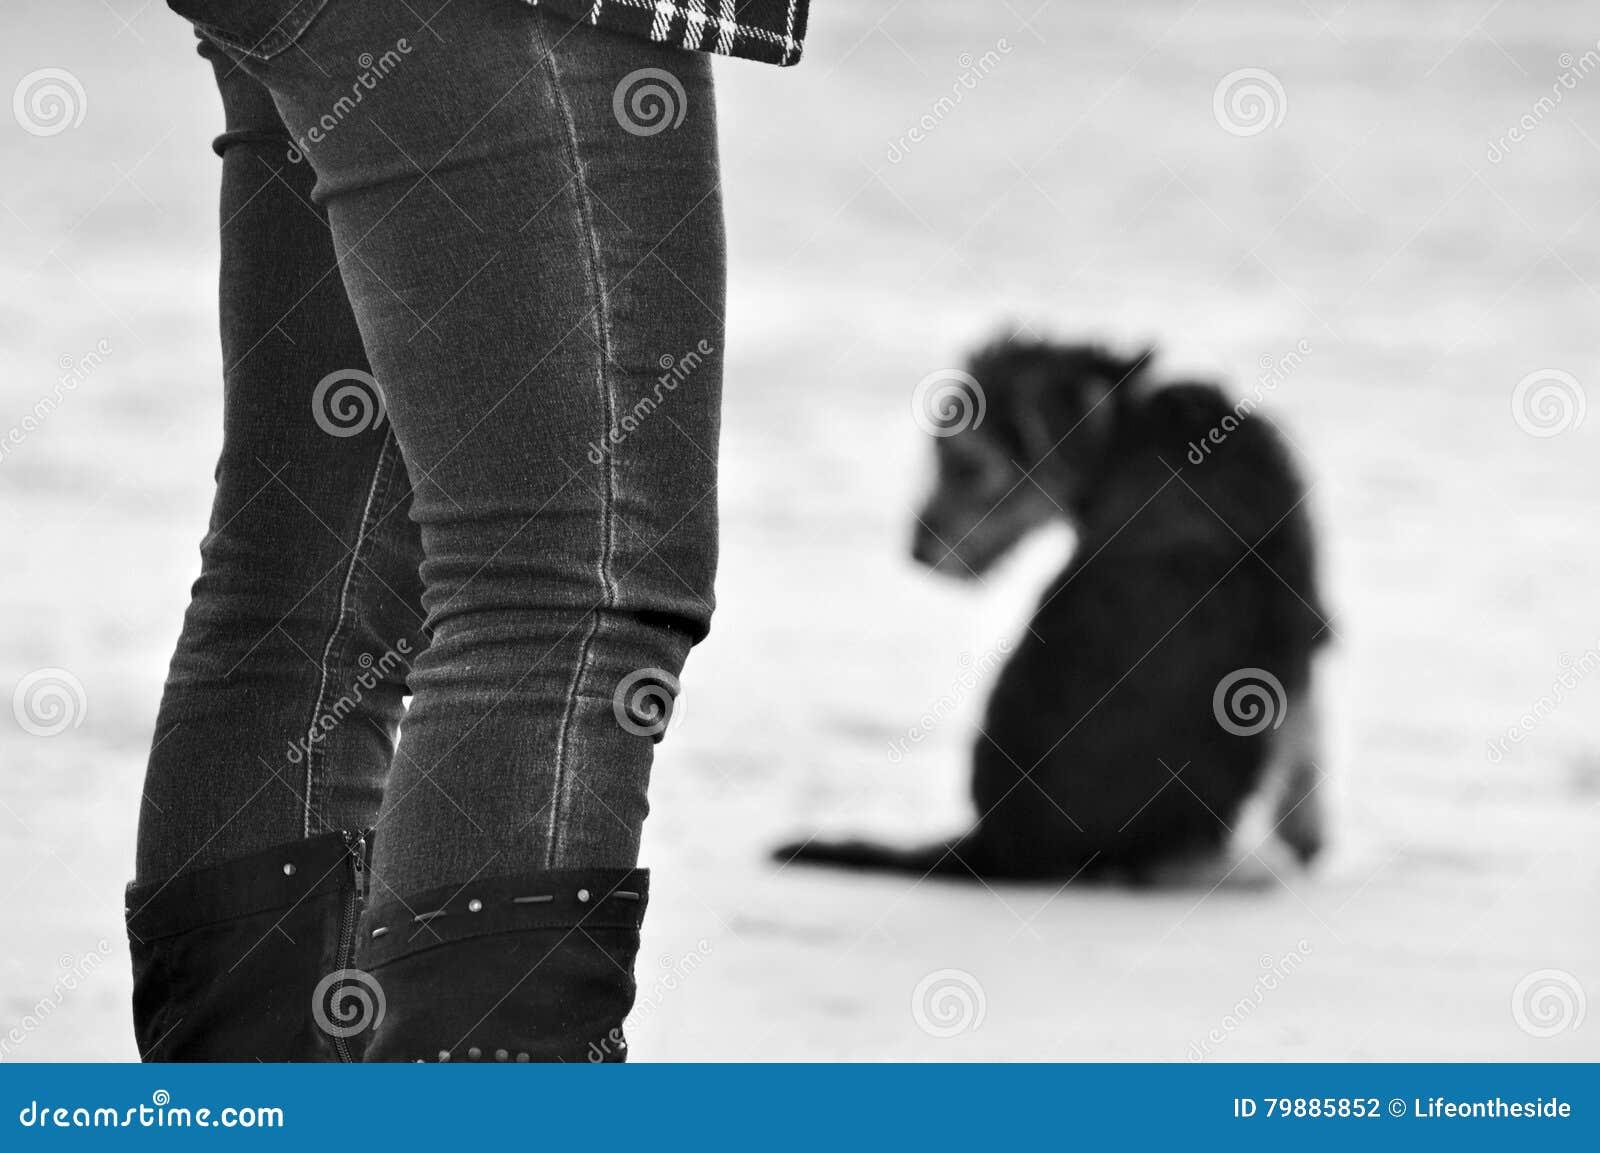 爱犬抽象背景概念哀情损失死亡